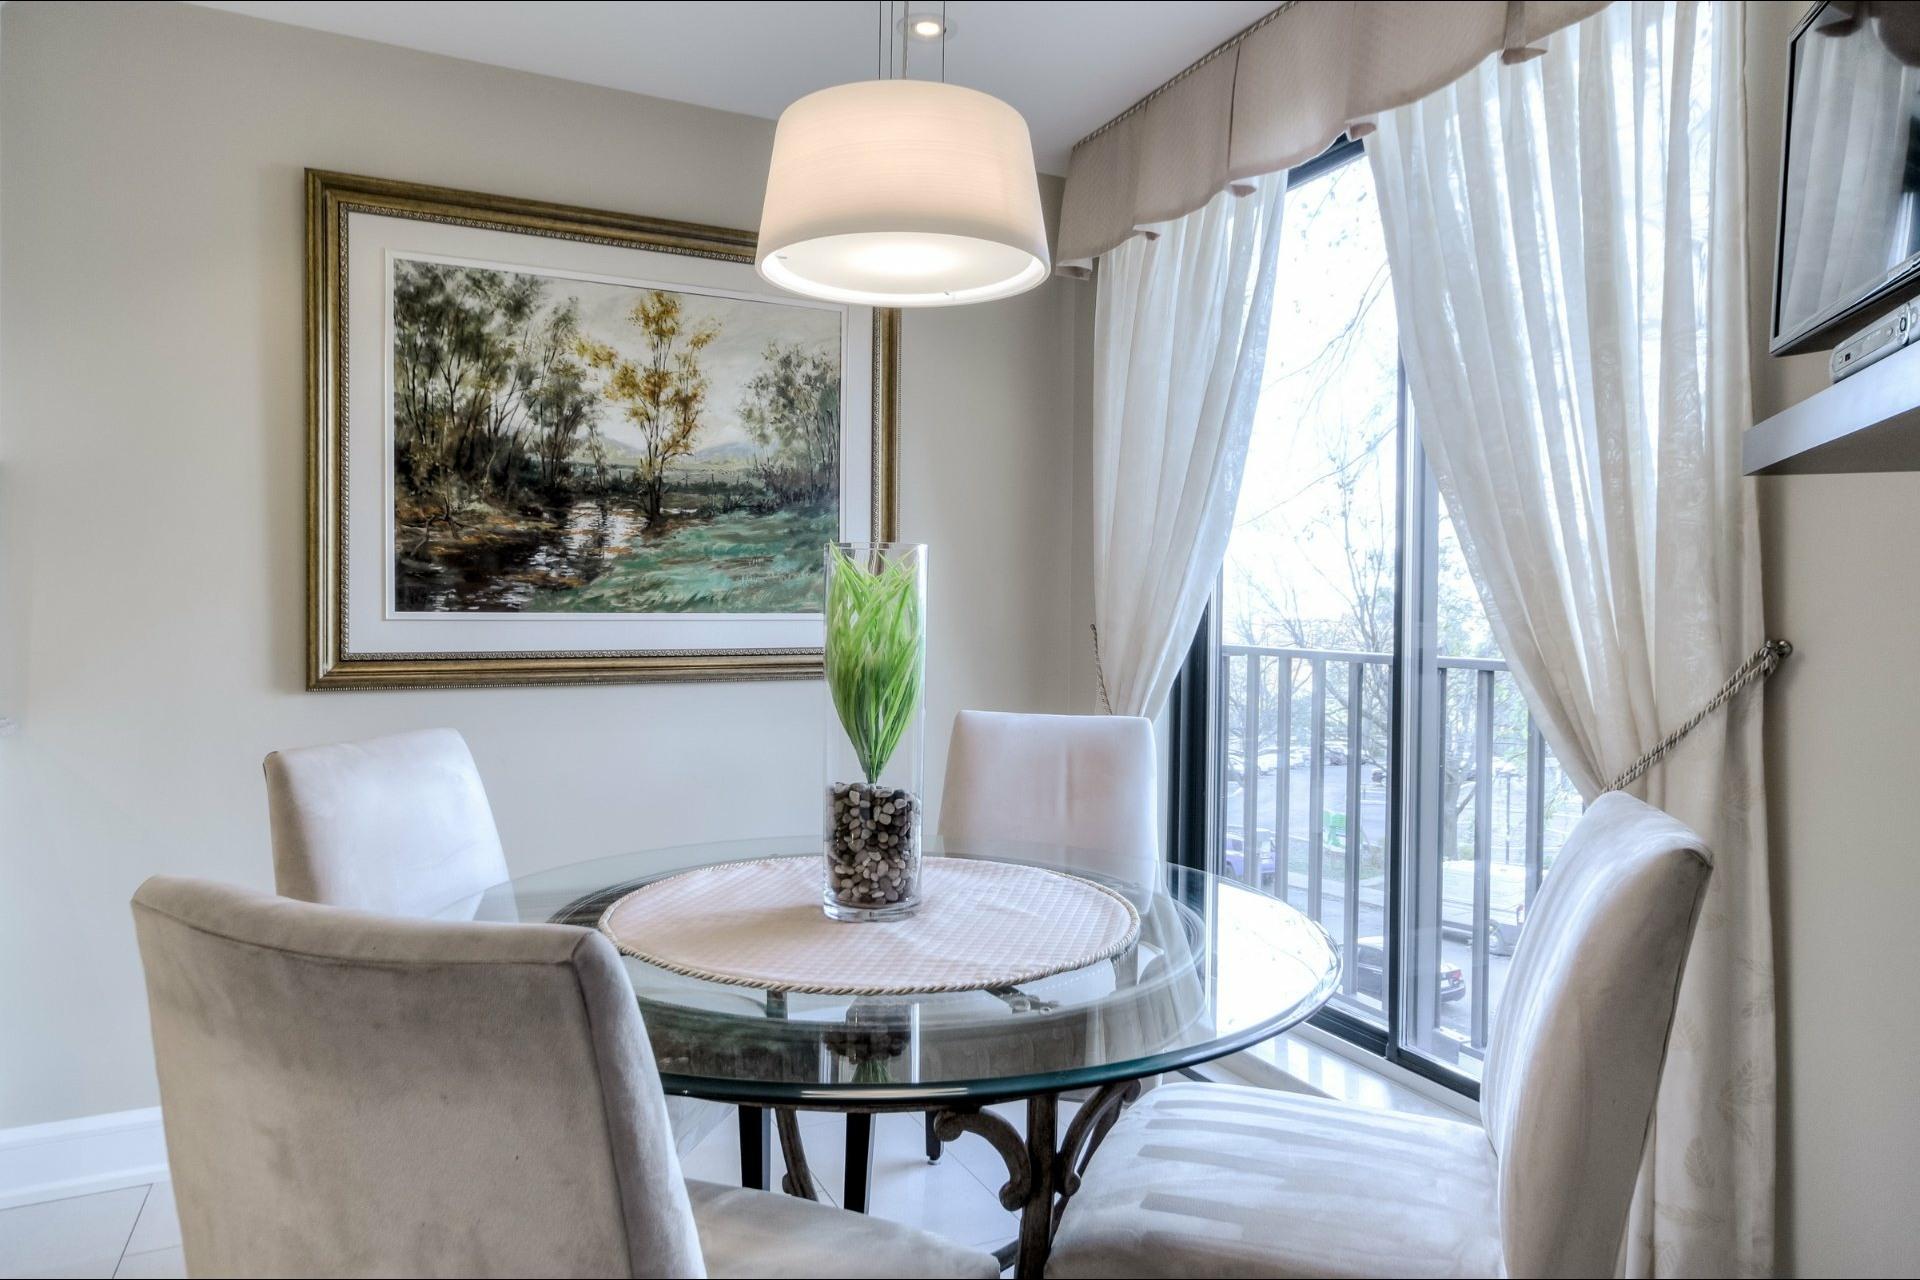 image 10 - 公寓 出售 Côte-des-Neiges/Notre-Dame-de-Grâce Montréal  - 6 室